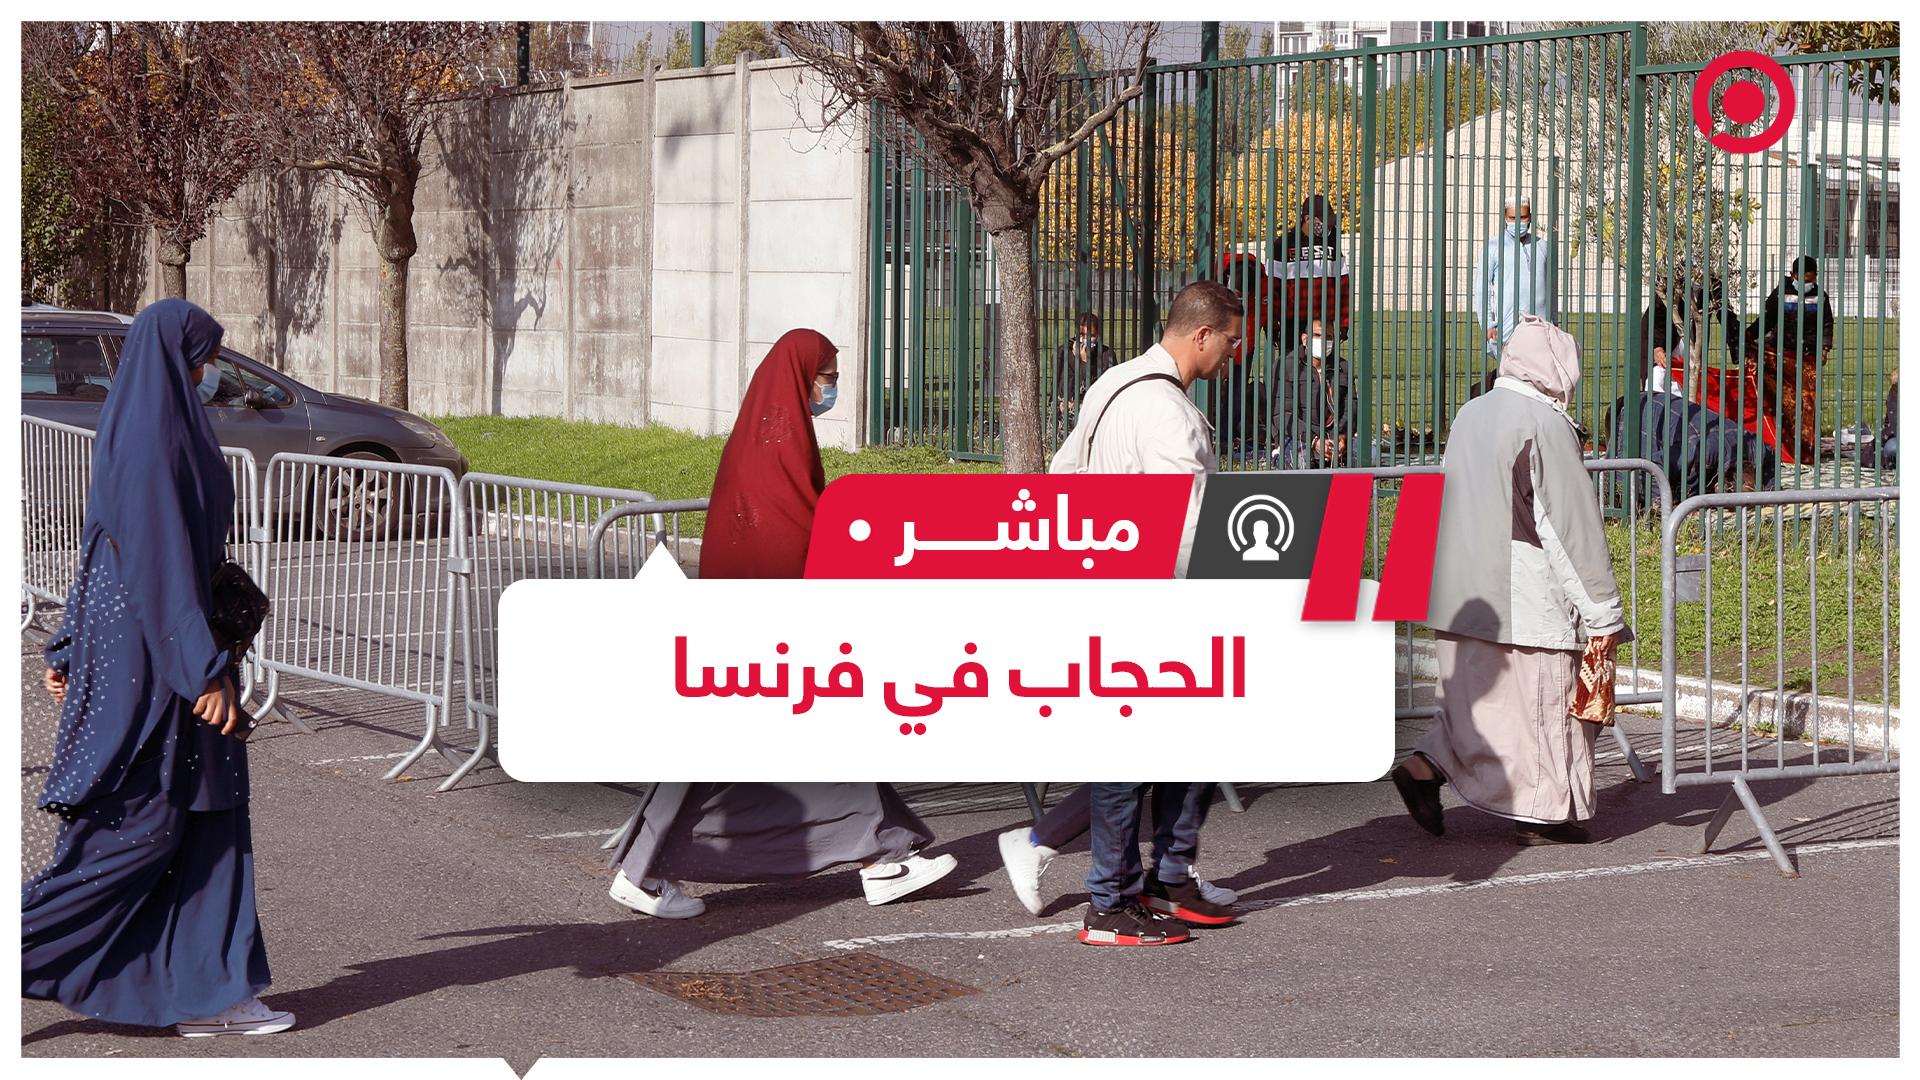 مشروع قانون فرنسي يتضمن حظر الأزياء الإسلاموية في الأماكن العامة